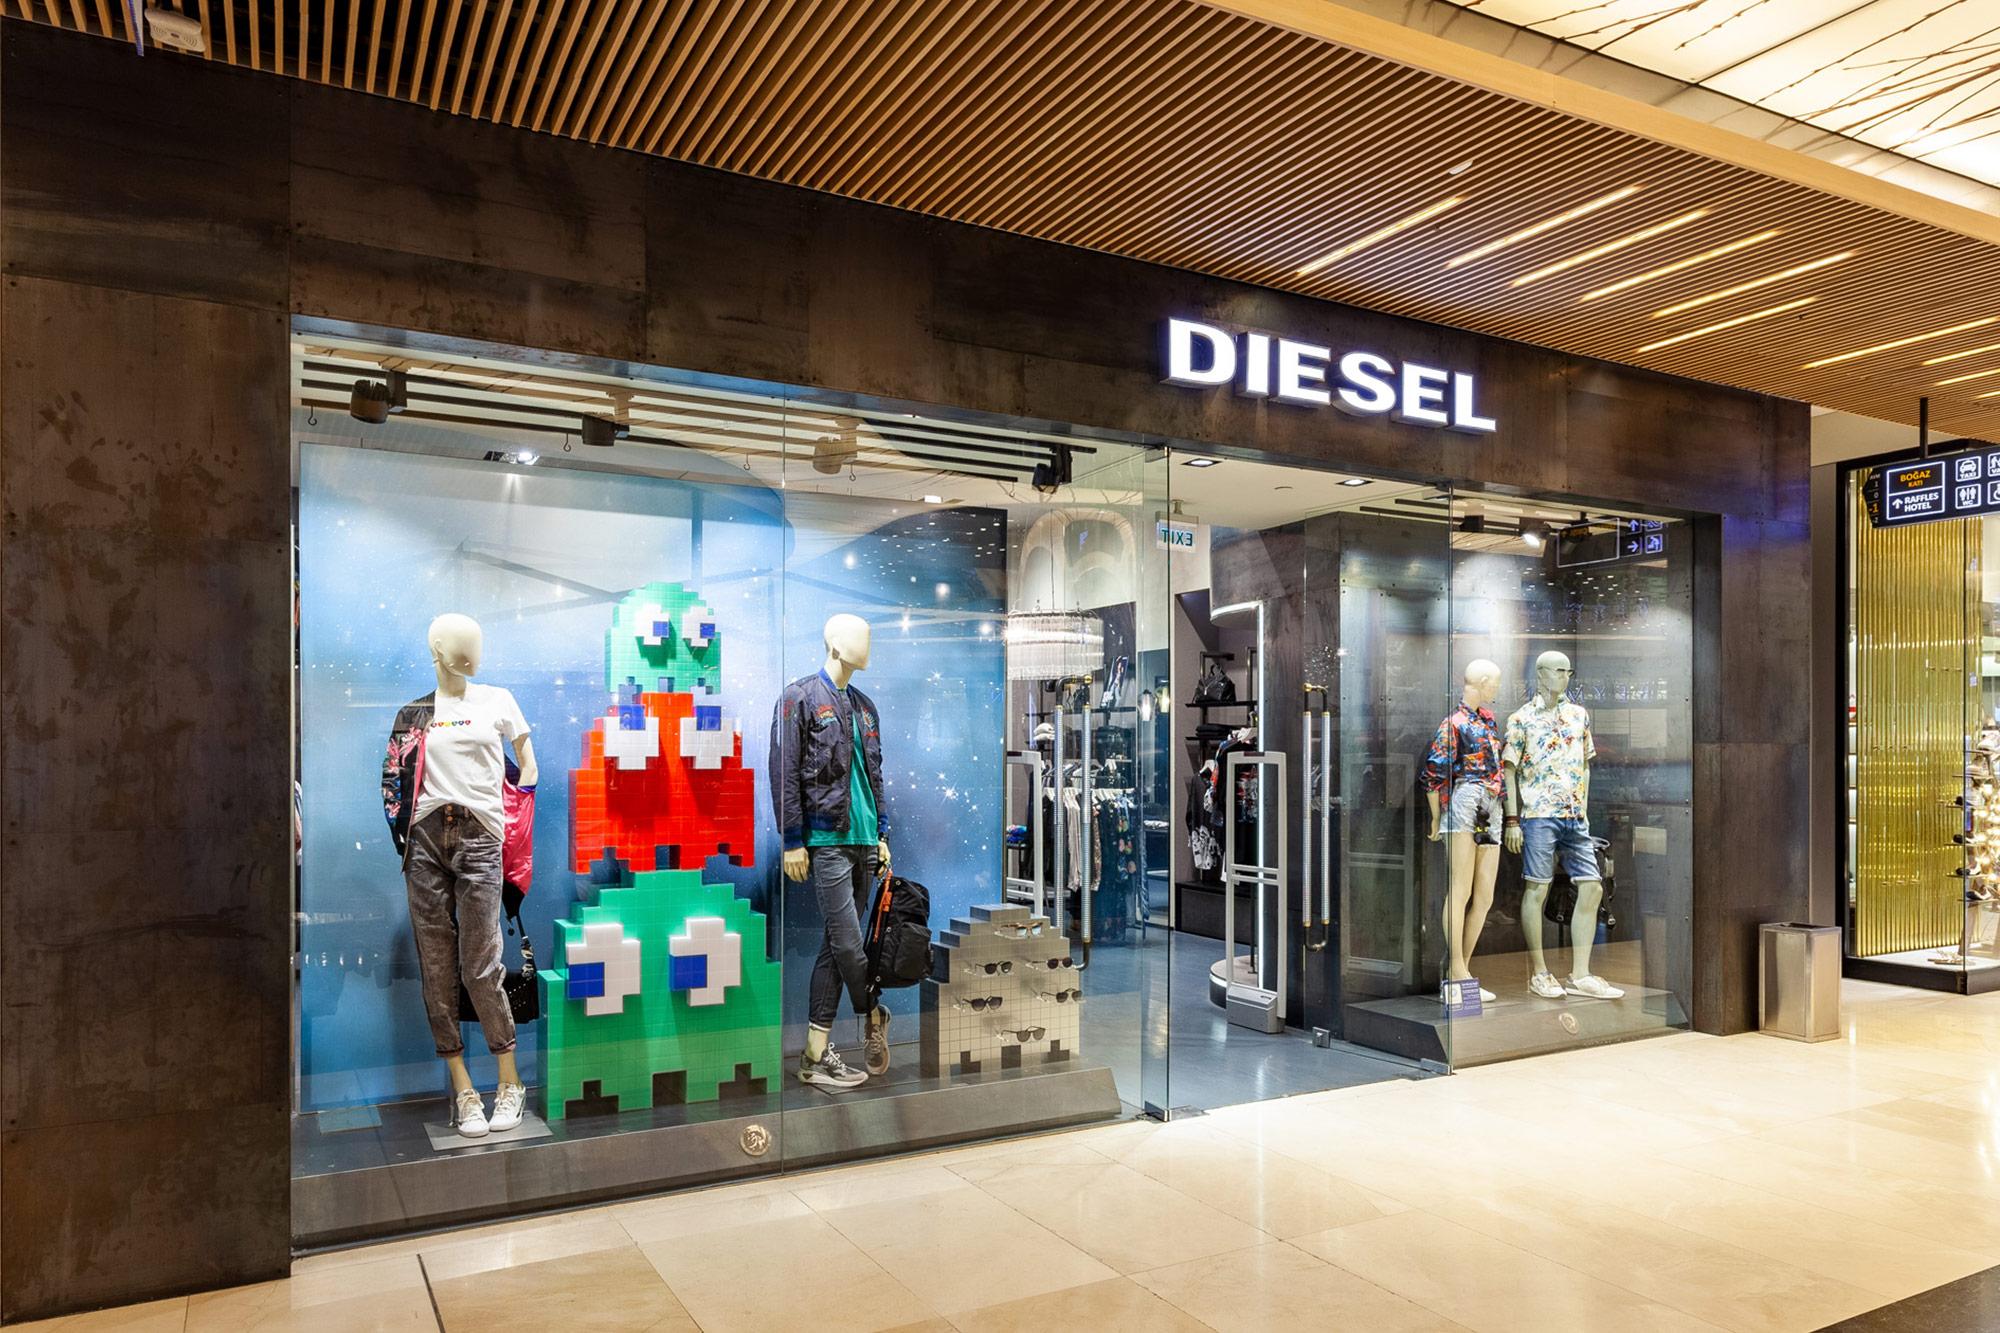 arkilight_diesel_store.jpg